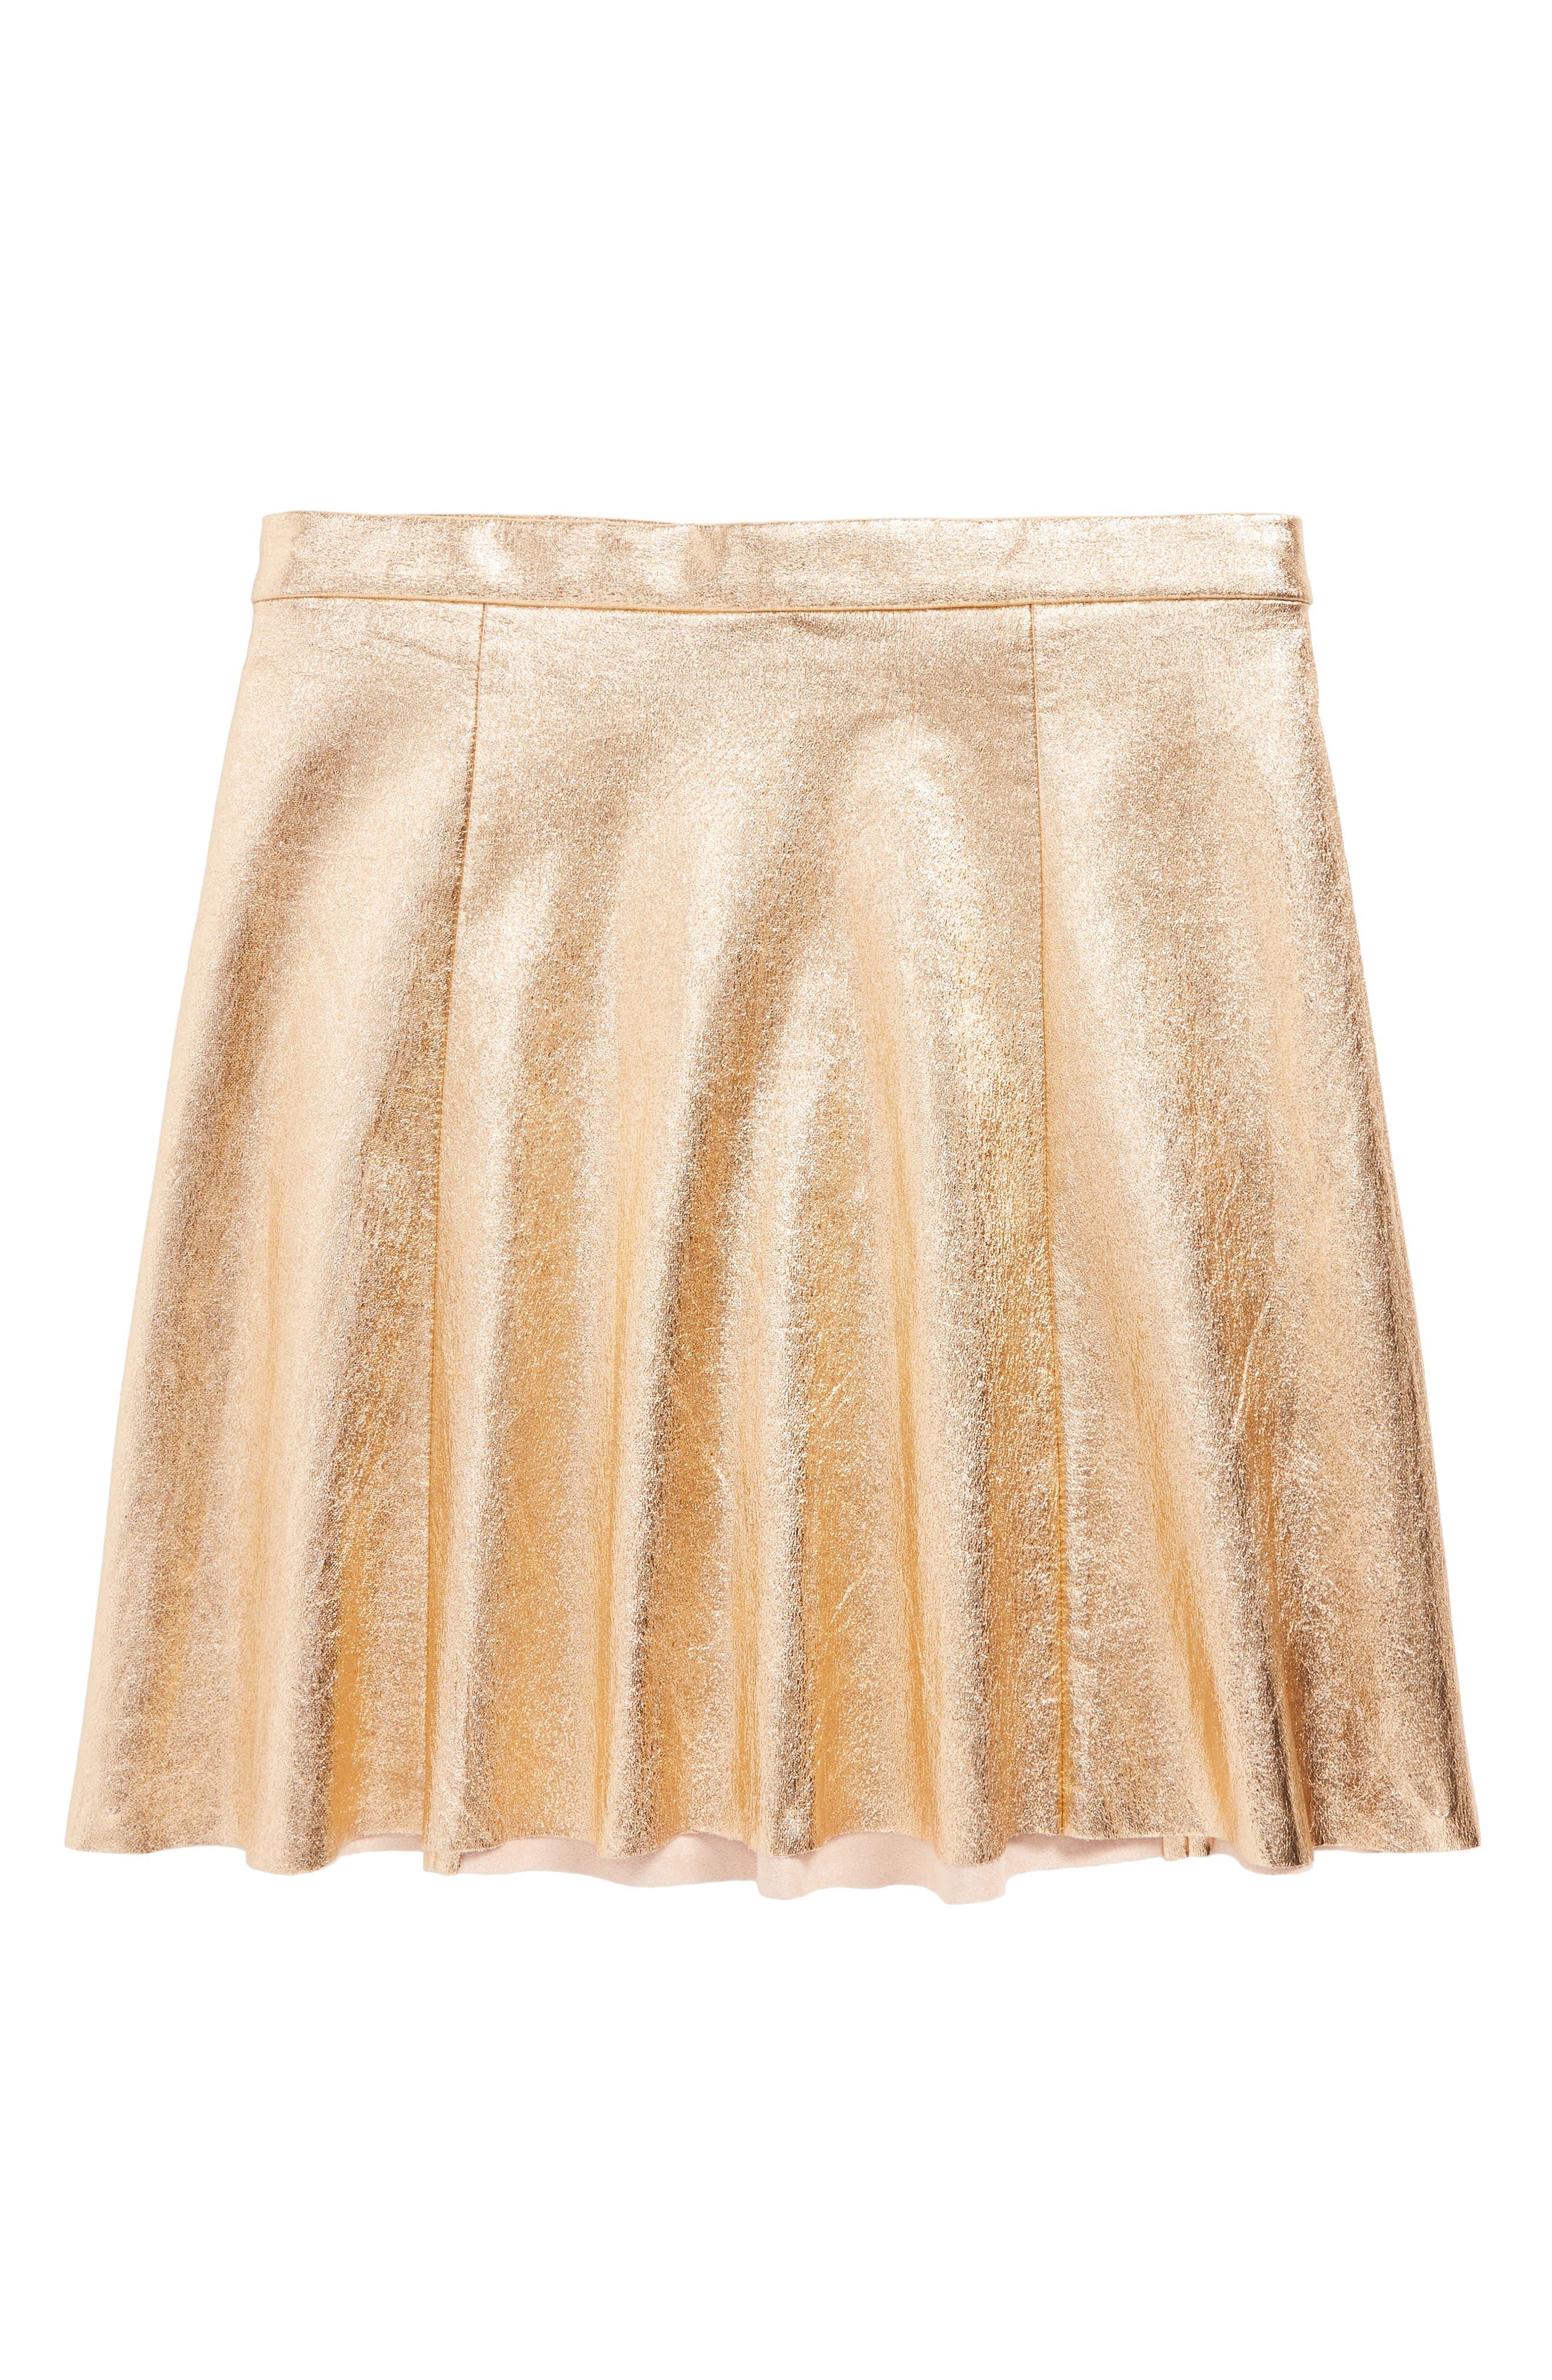 Main Image - kate spade new york metallic skirt (Big Girls)